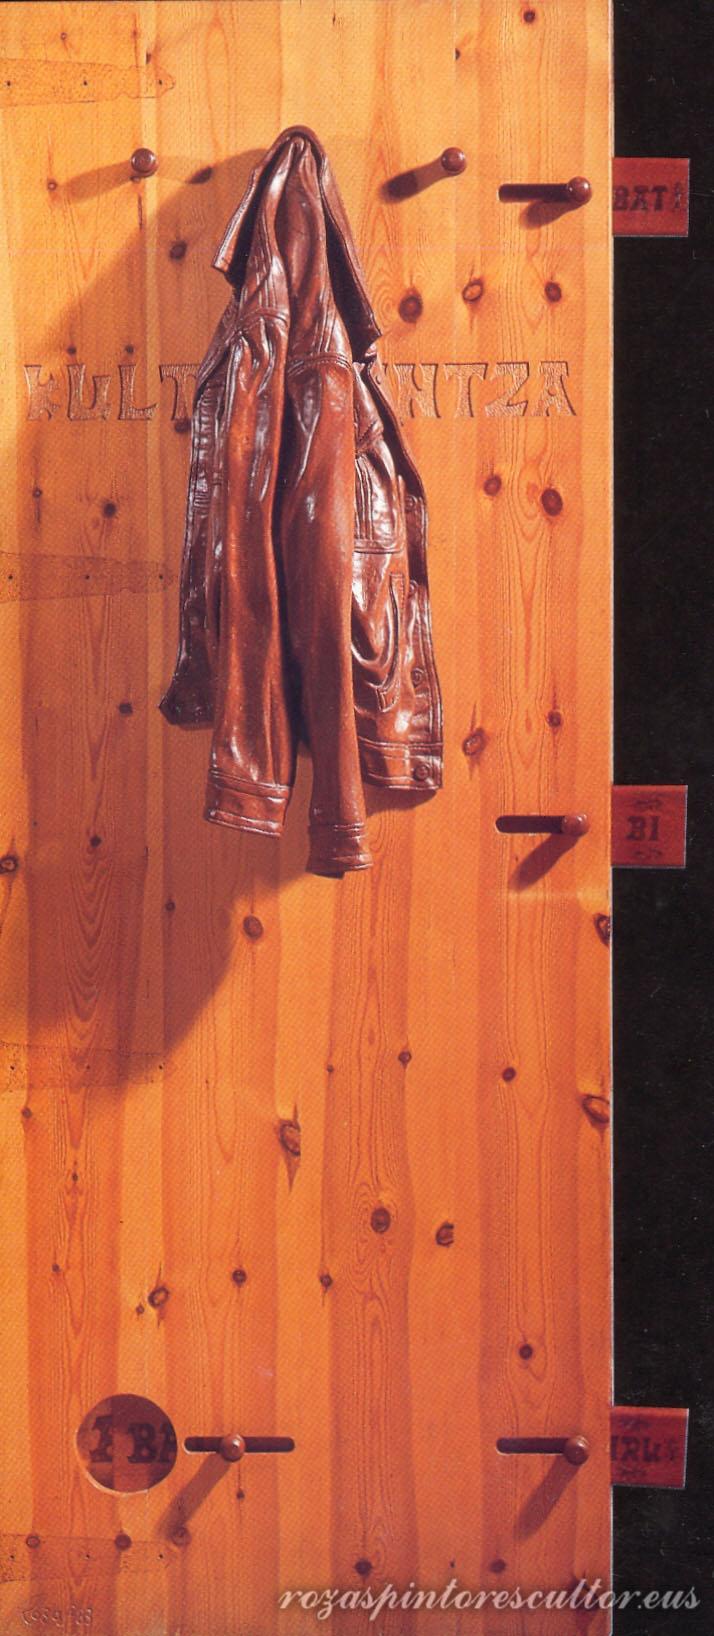 1983 Pedagogiarako alegoria 202x77x22